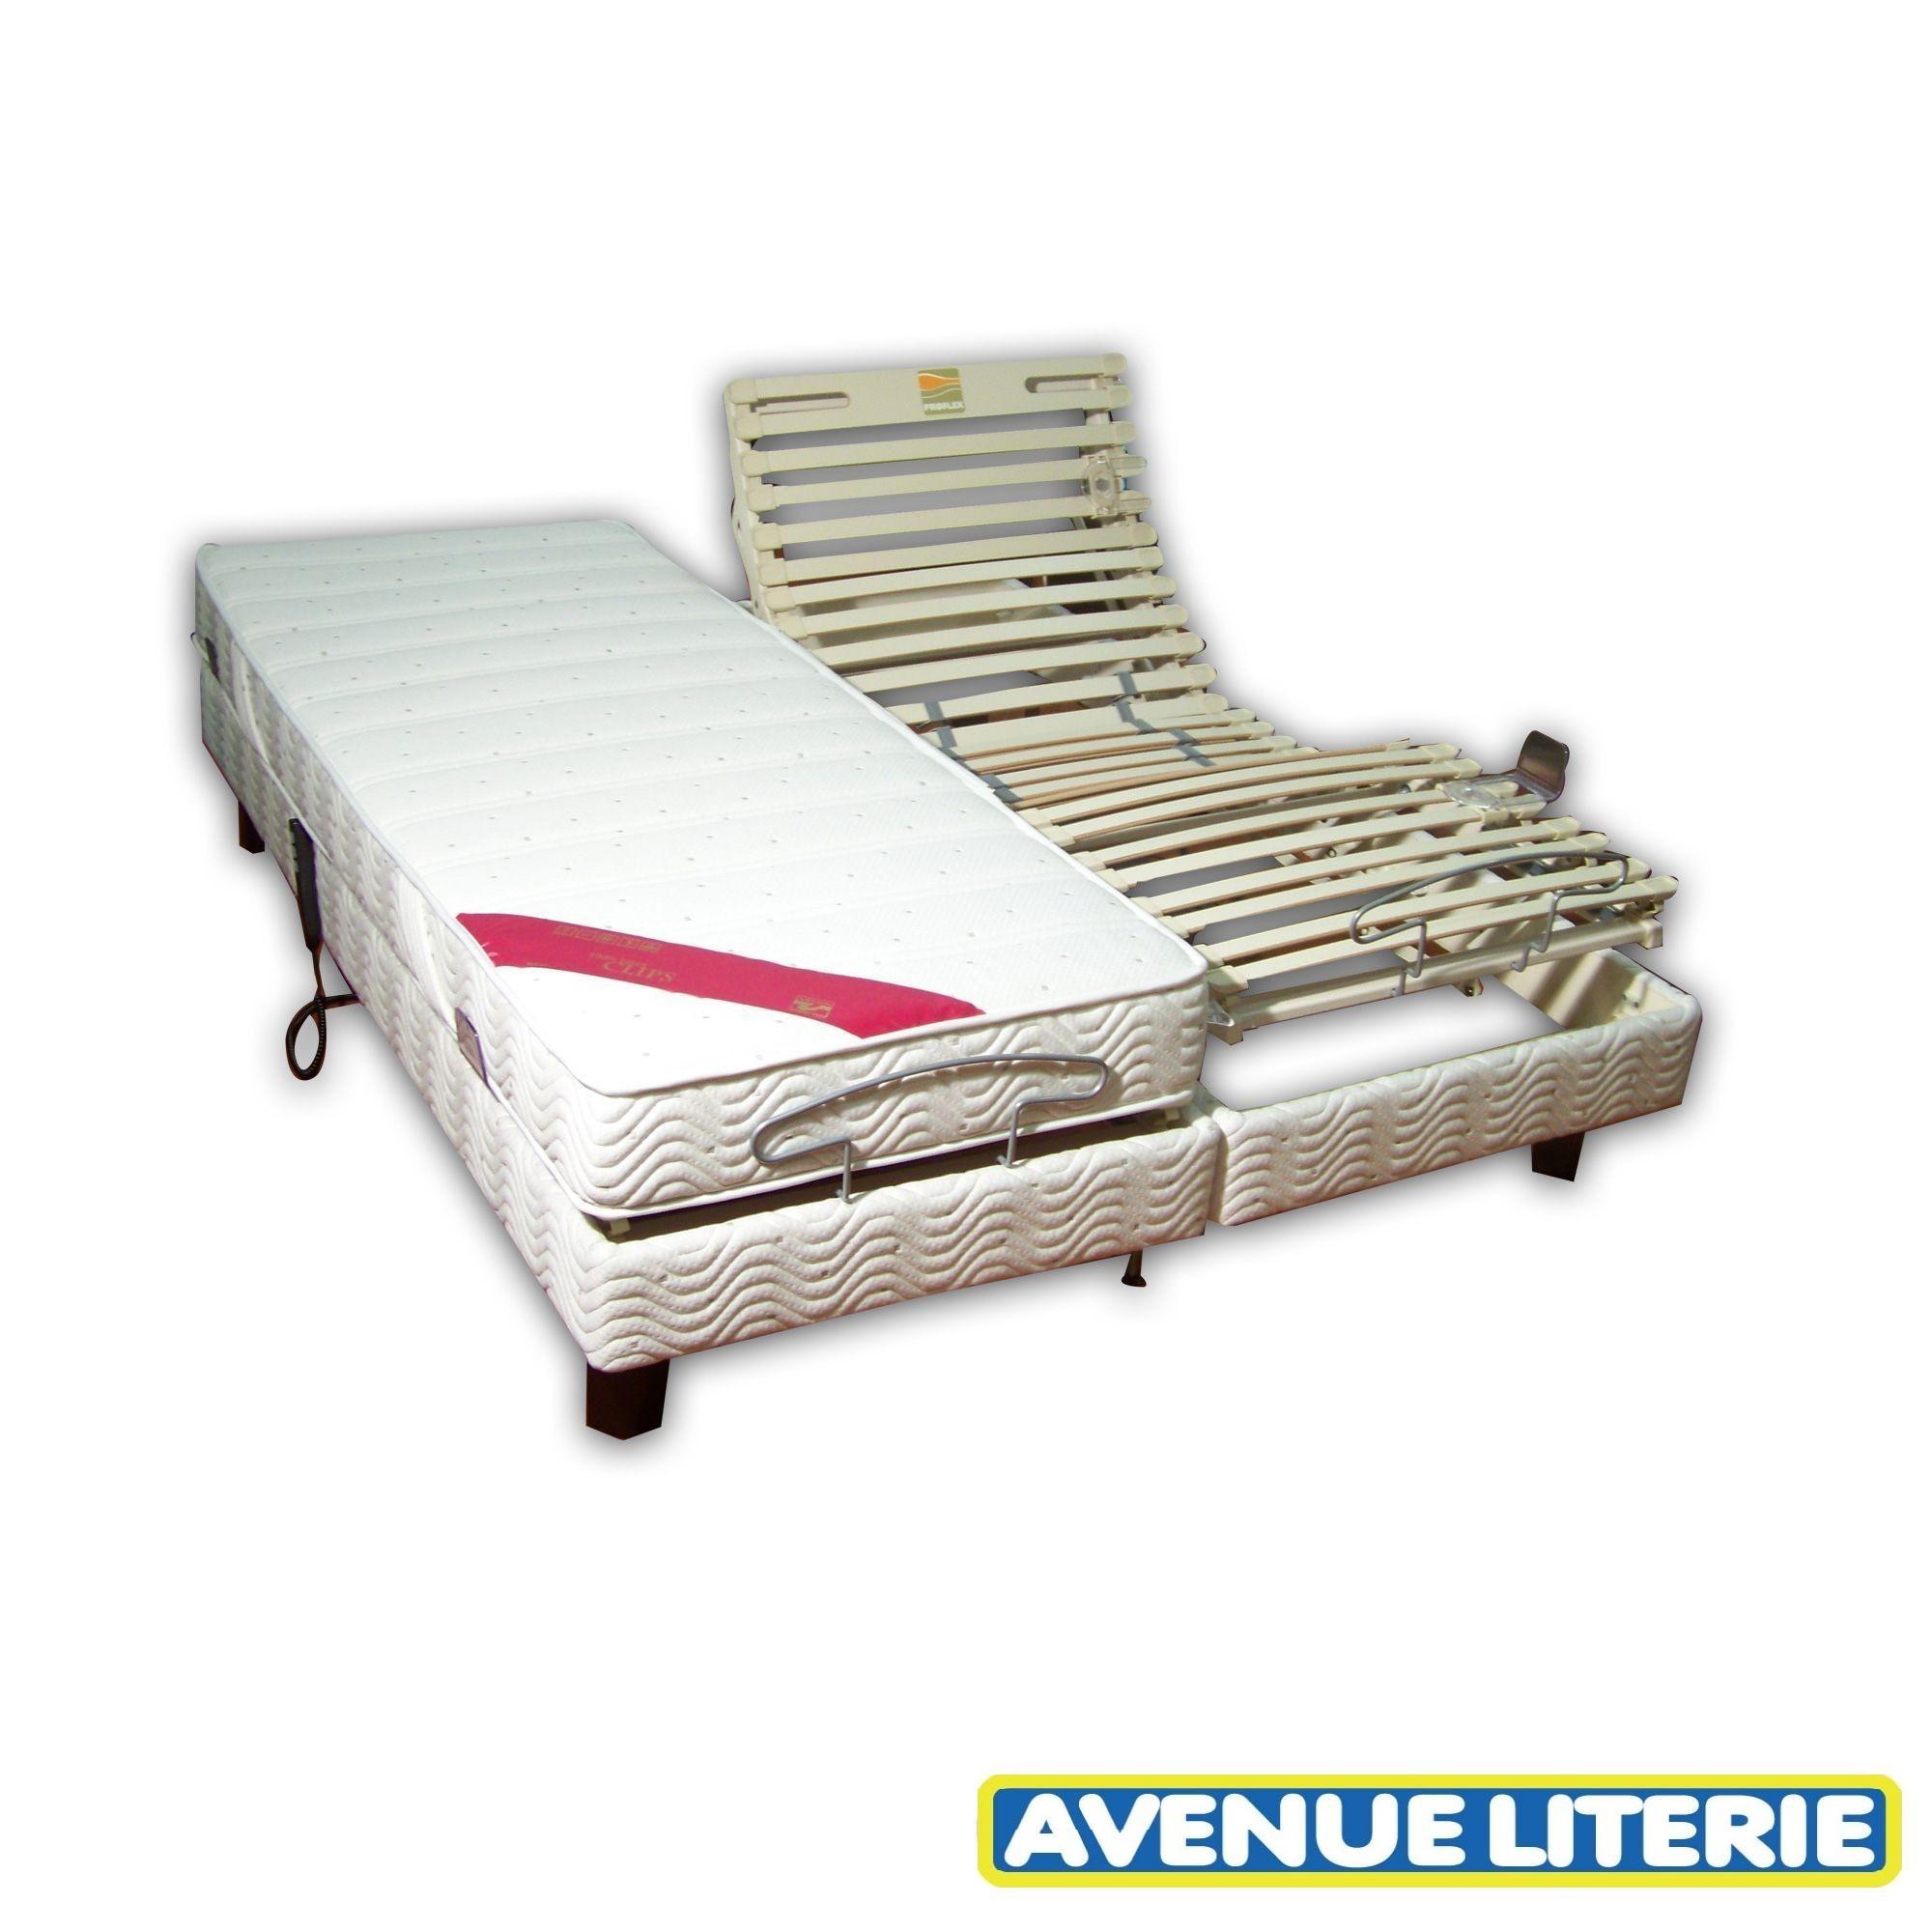 acheter lit lectrique 2x100x200 velda new proflex clips pas cher avenue literie. Black Bedroom Furniture Sets. Home Design Ideas